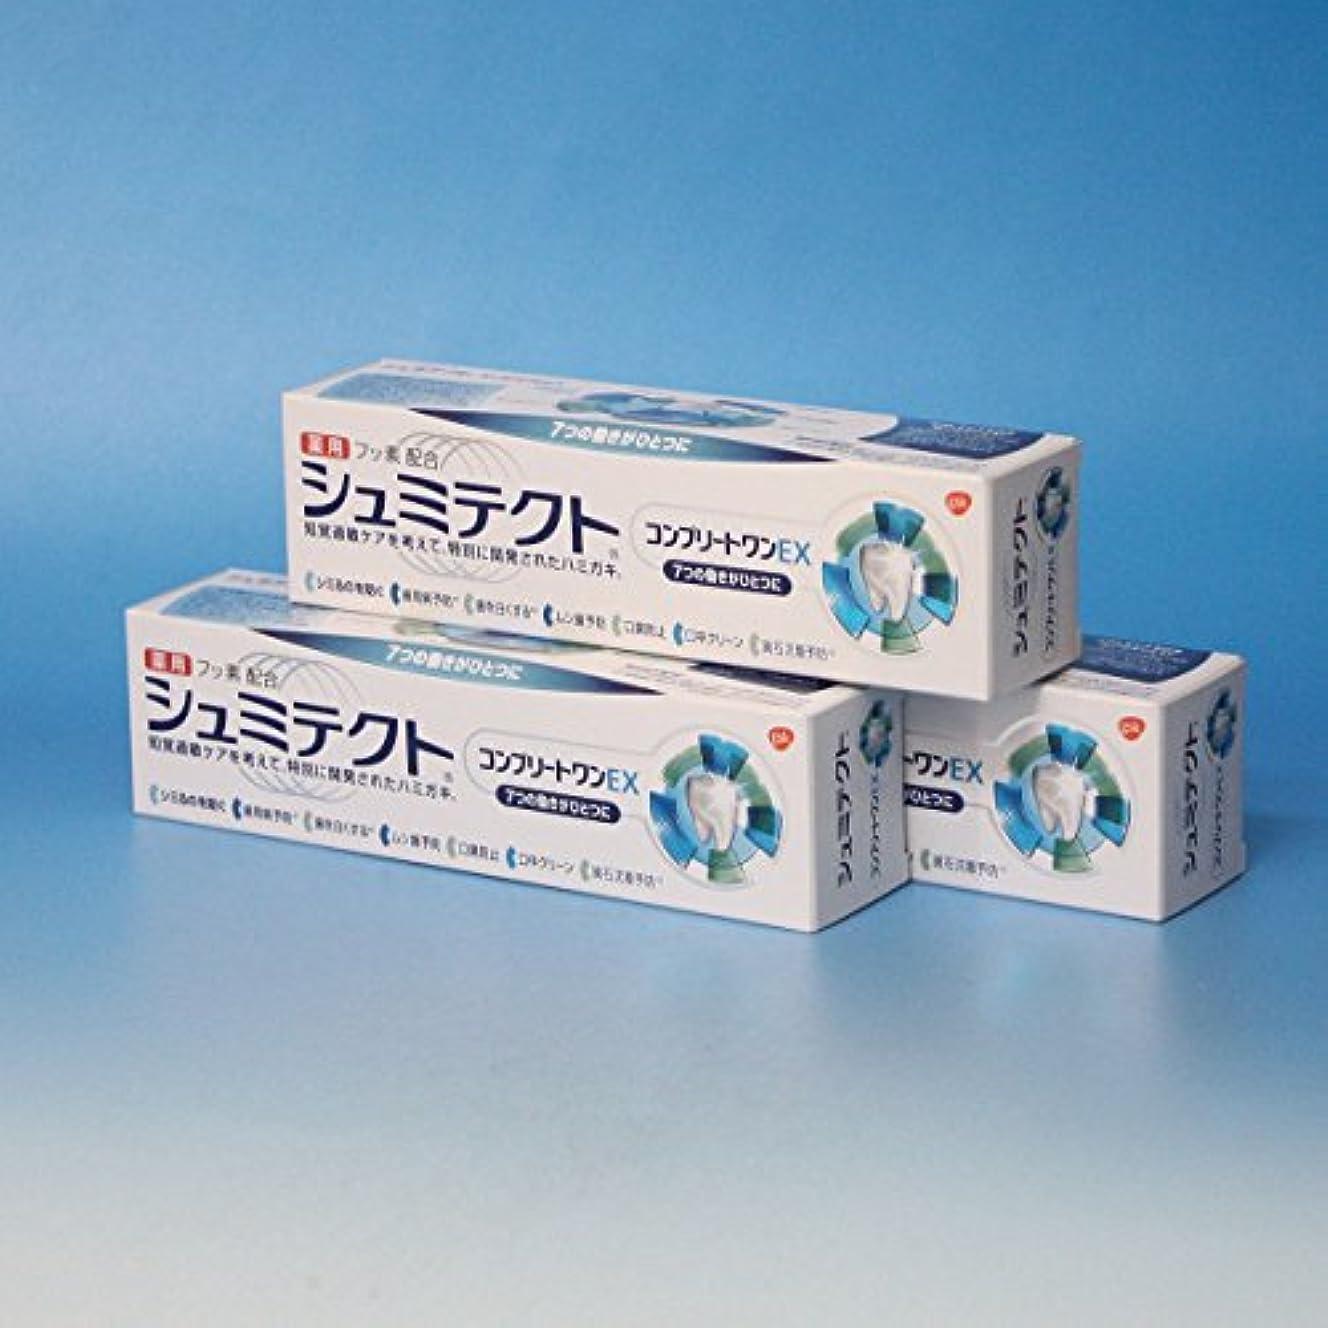 発疹アクセシブル奇跡的な【アース製薬】シュミテクトコンプリートワンEX 90g ×3個セット